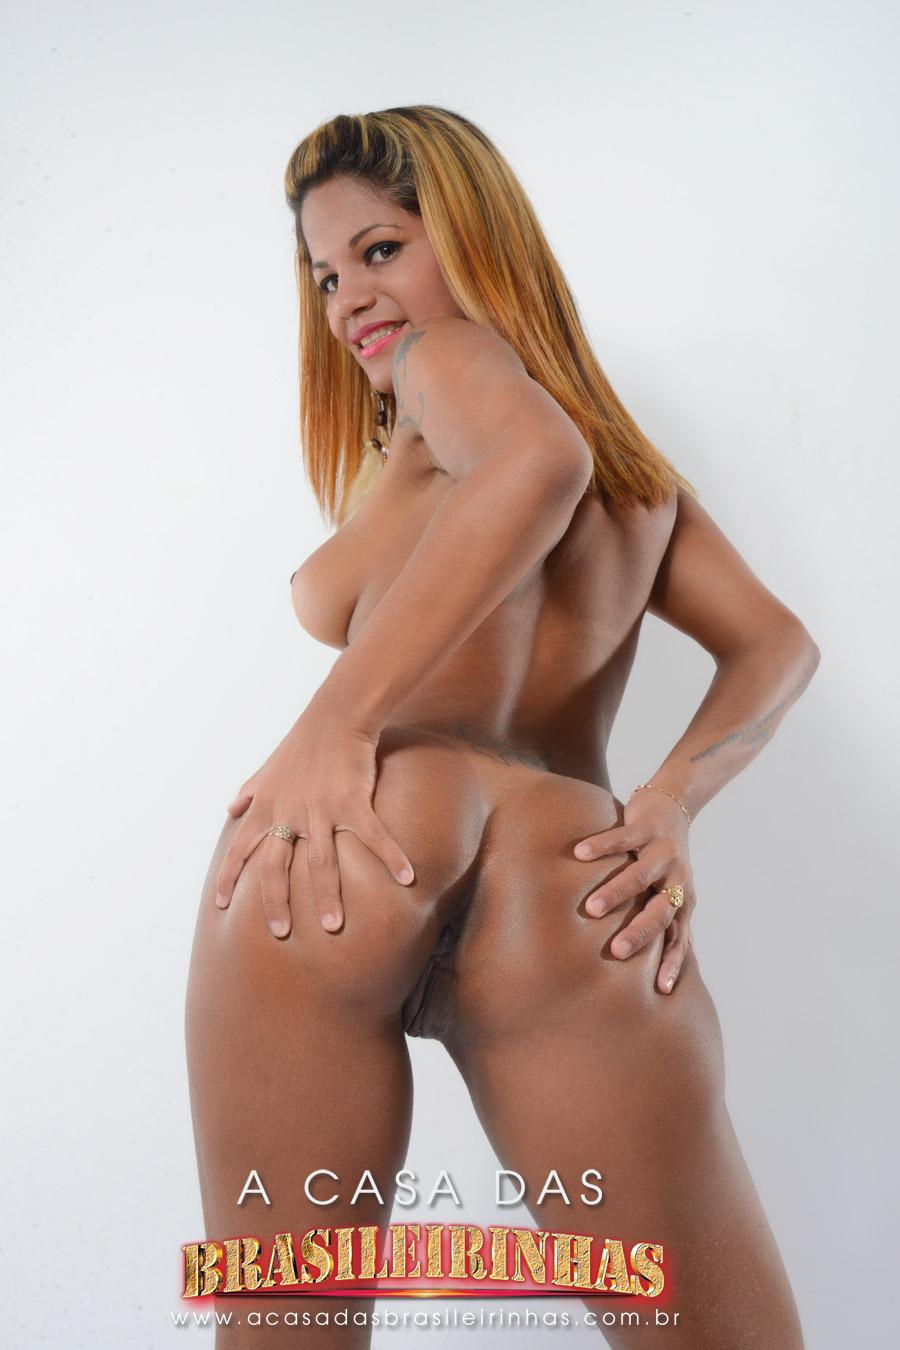 Atriz Porno Emily Brasil Participando Da Casa Das Brasileirinhas Veja